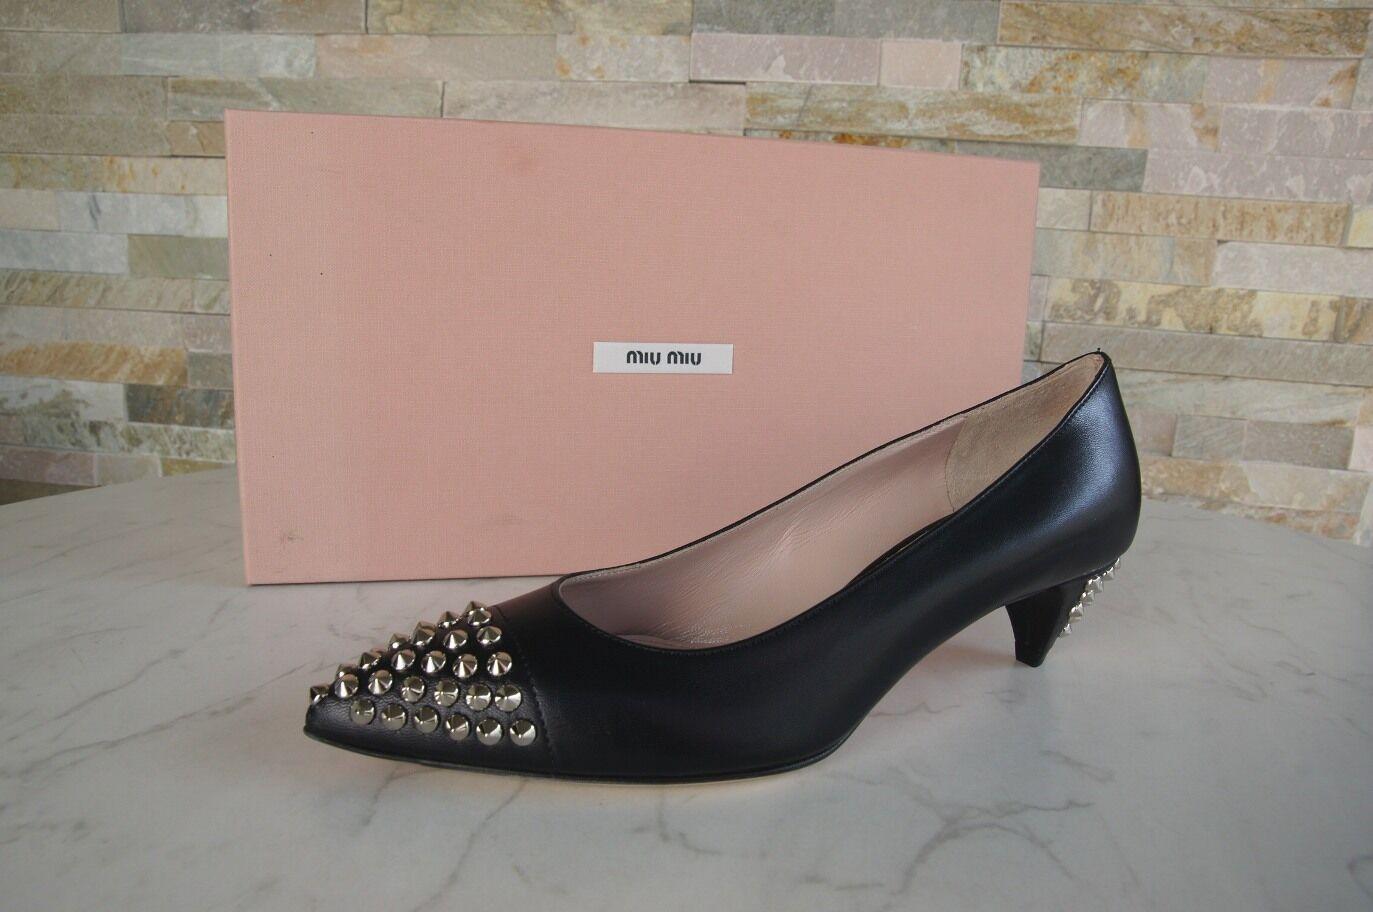 Miu Miu GR GR Miu 36,5 de salón tachuelas zapatos negro 5i9234 nuevo 002557